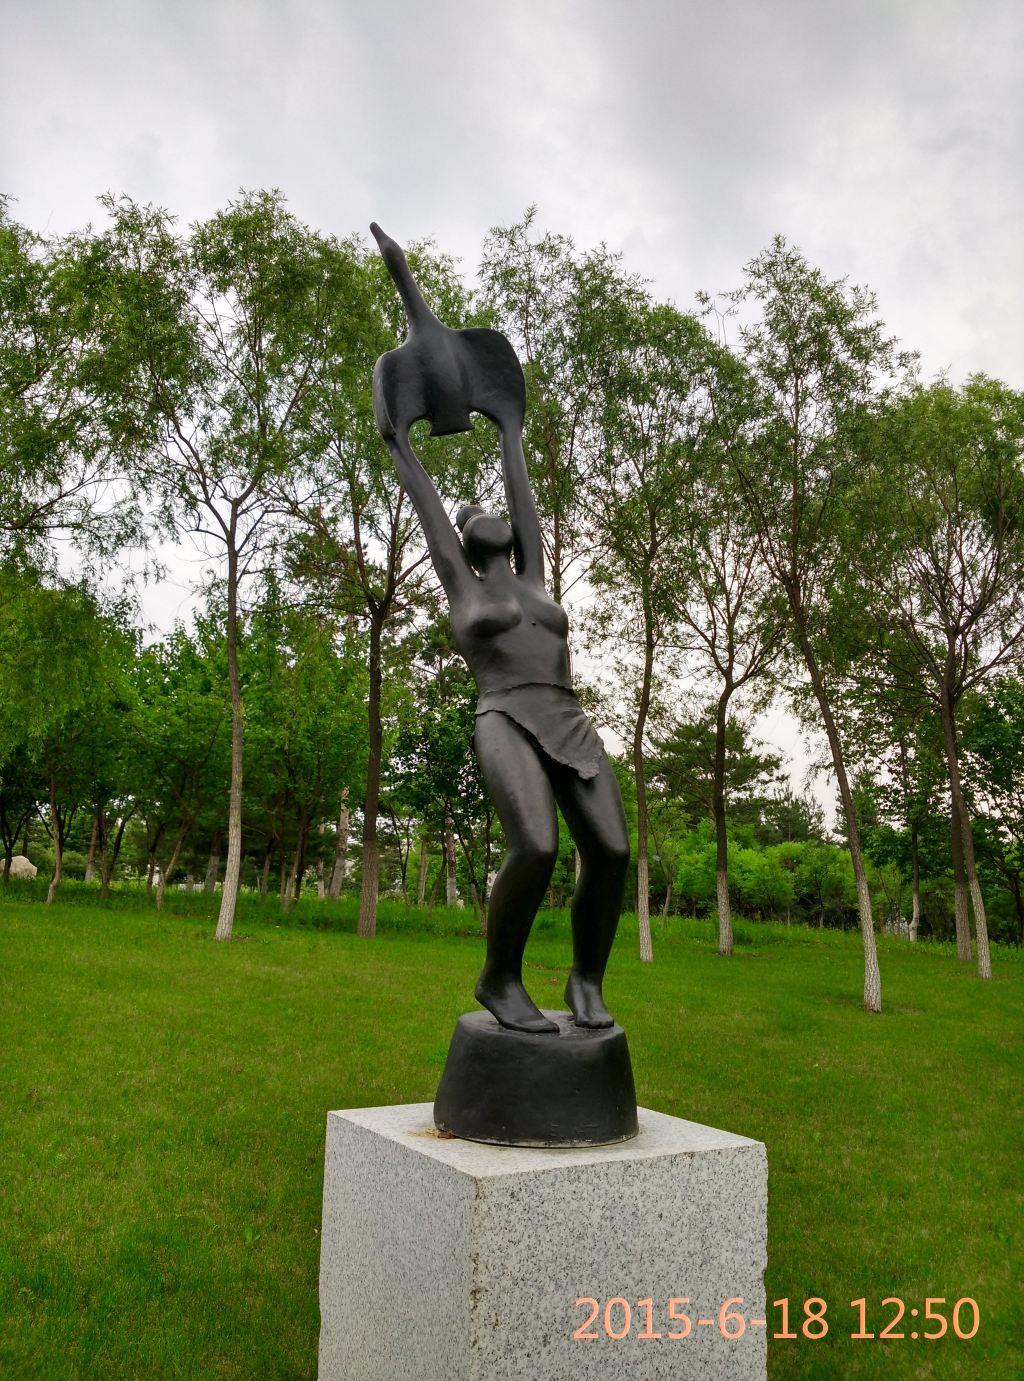 上海红坊雕塑馆_长春雕塑艺术馆_广州市荫远雕塑壁画艺术有限公司